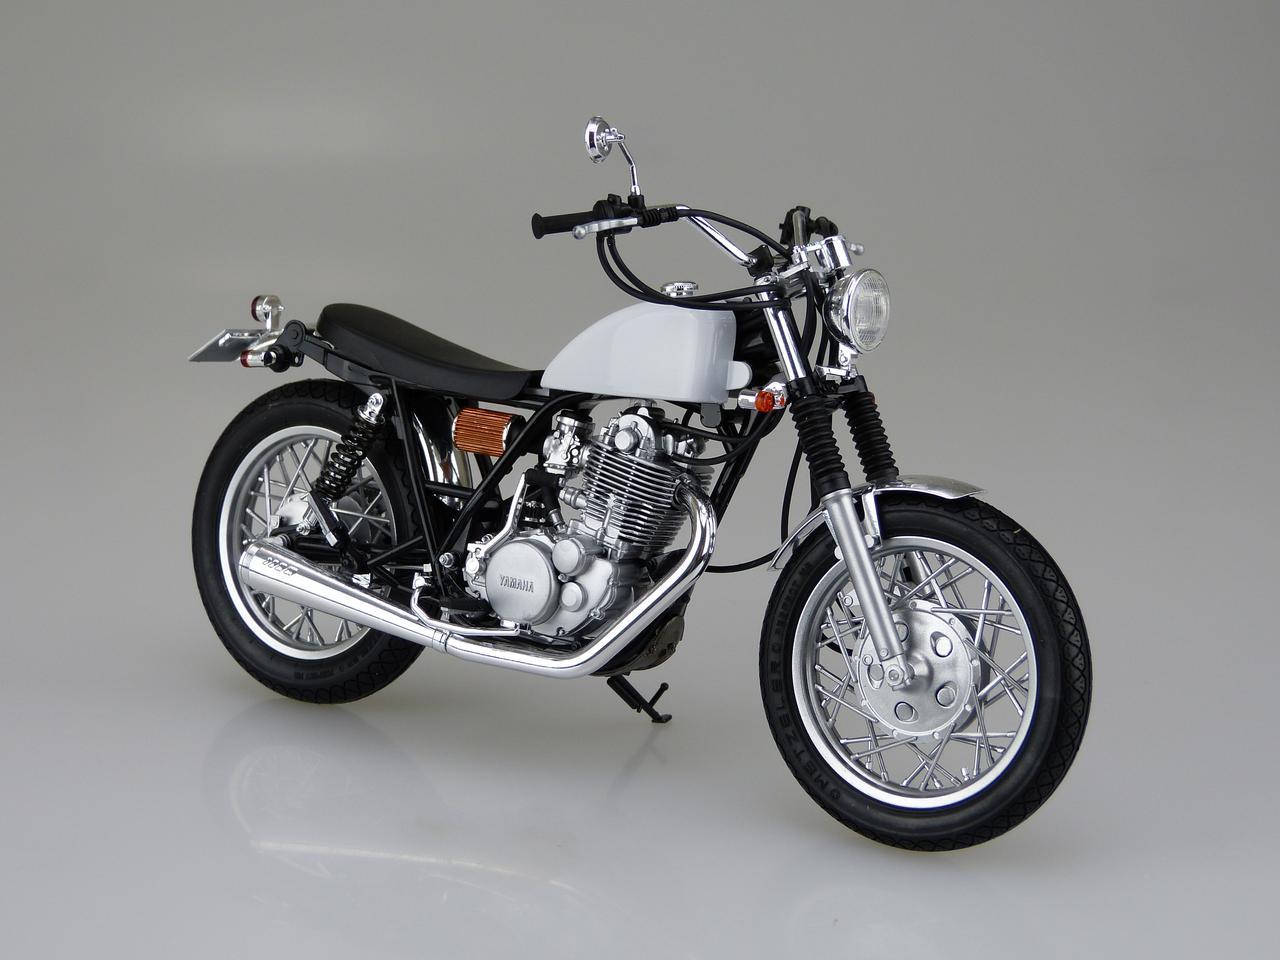 画像1: 1/12 バイク No.11 ヤマハ SR400S カスタムパーツ付き ■価格:2600円(税抜)※2016年5月発売予定